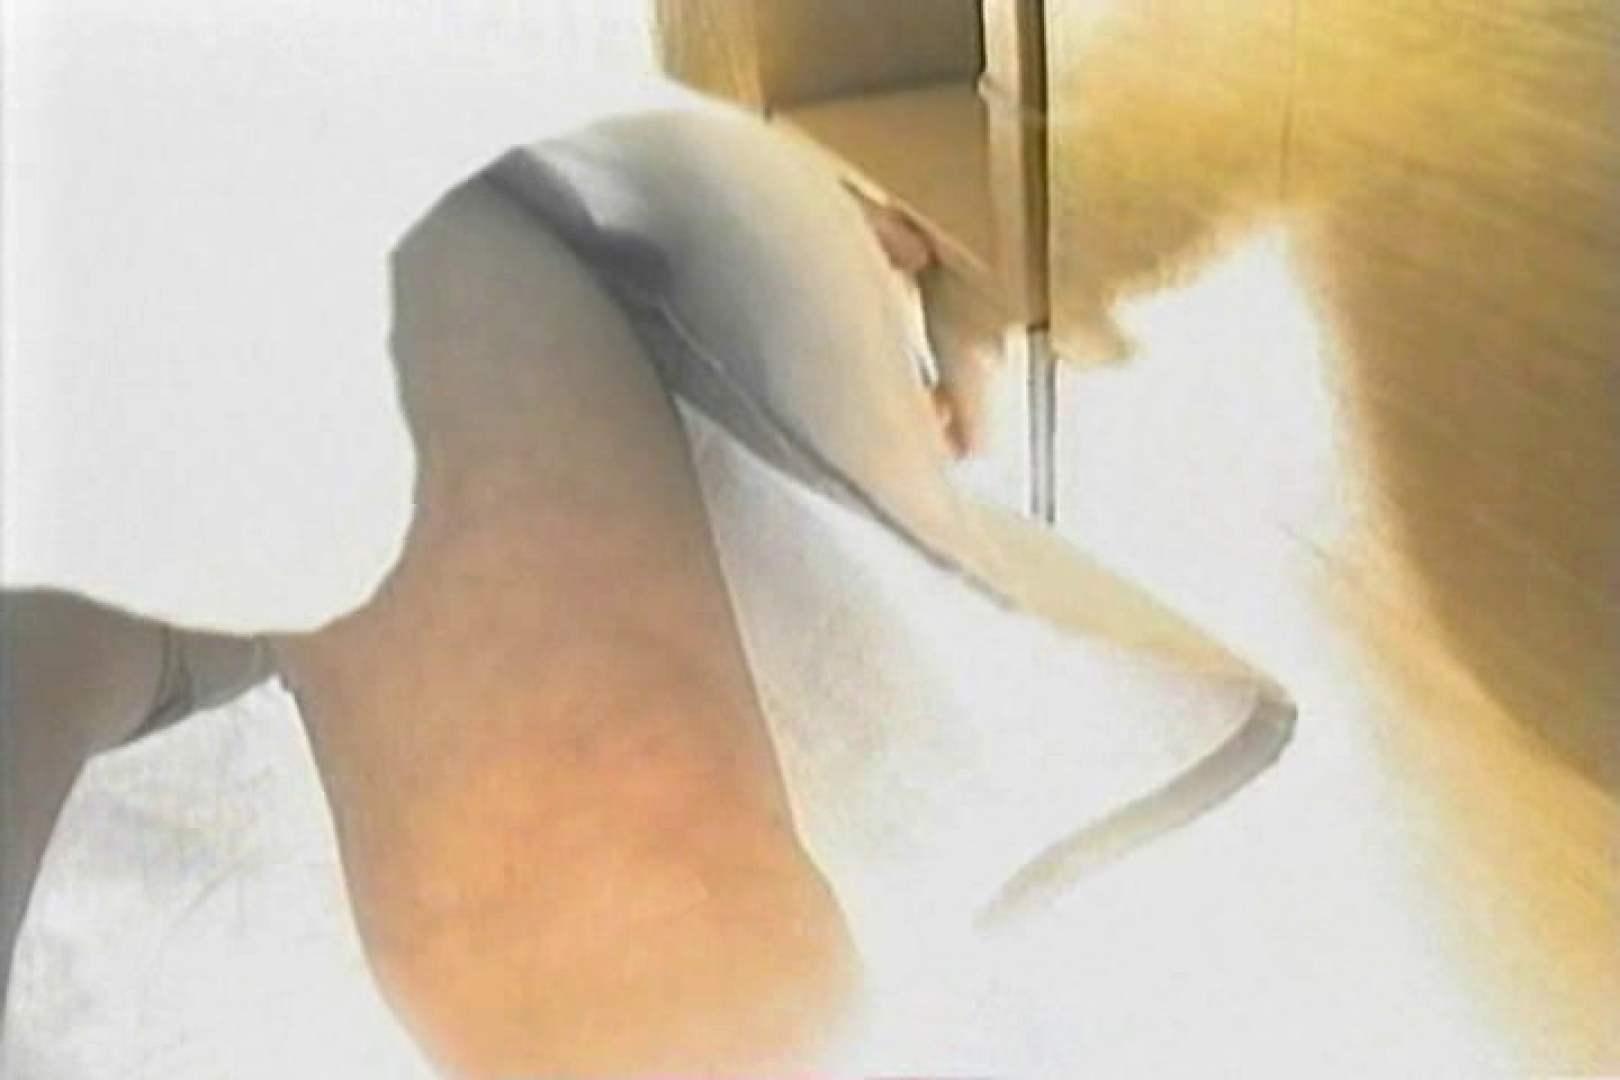 デパートローアングル徘徊 靴カメ盗撮Vol.2 フリーハンド | 盗撮  73pic 8